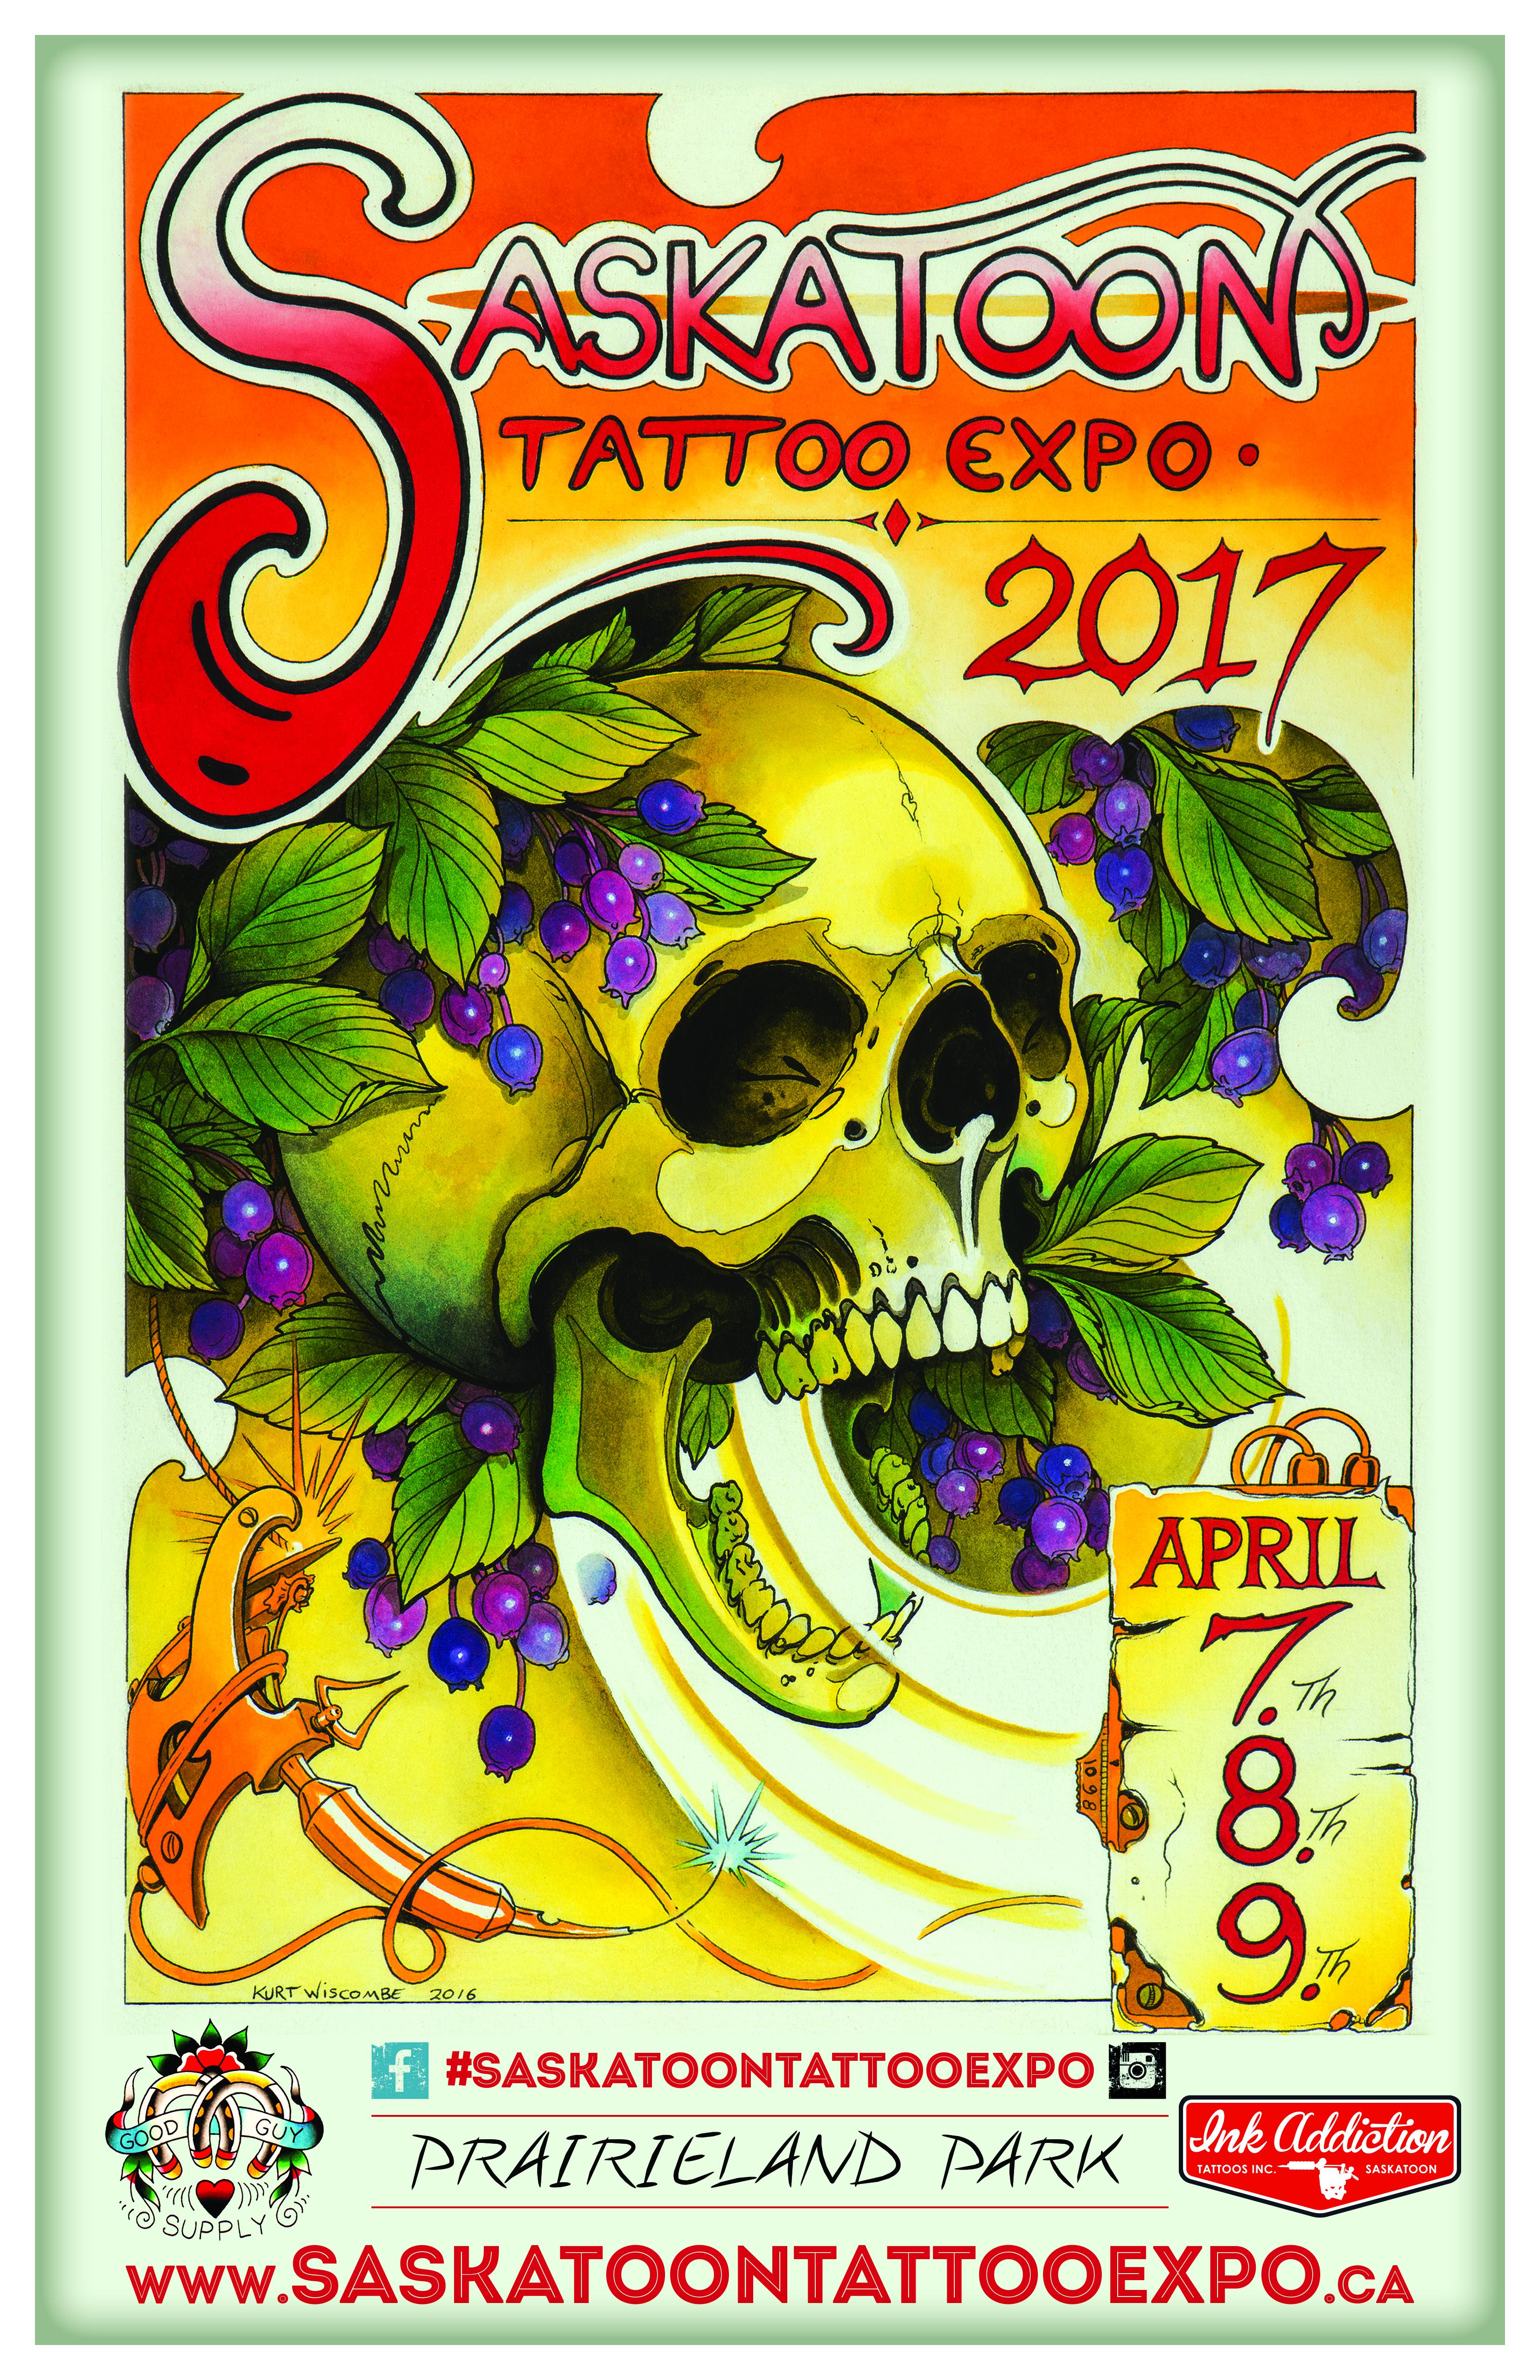 saskatoon-tattoo-expo-poster-2017